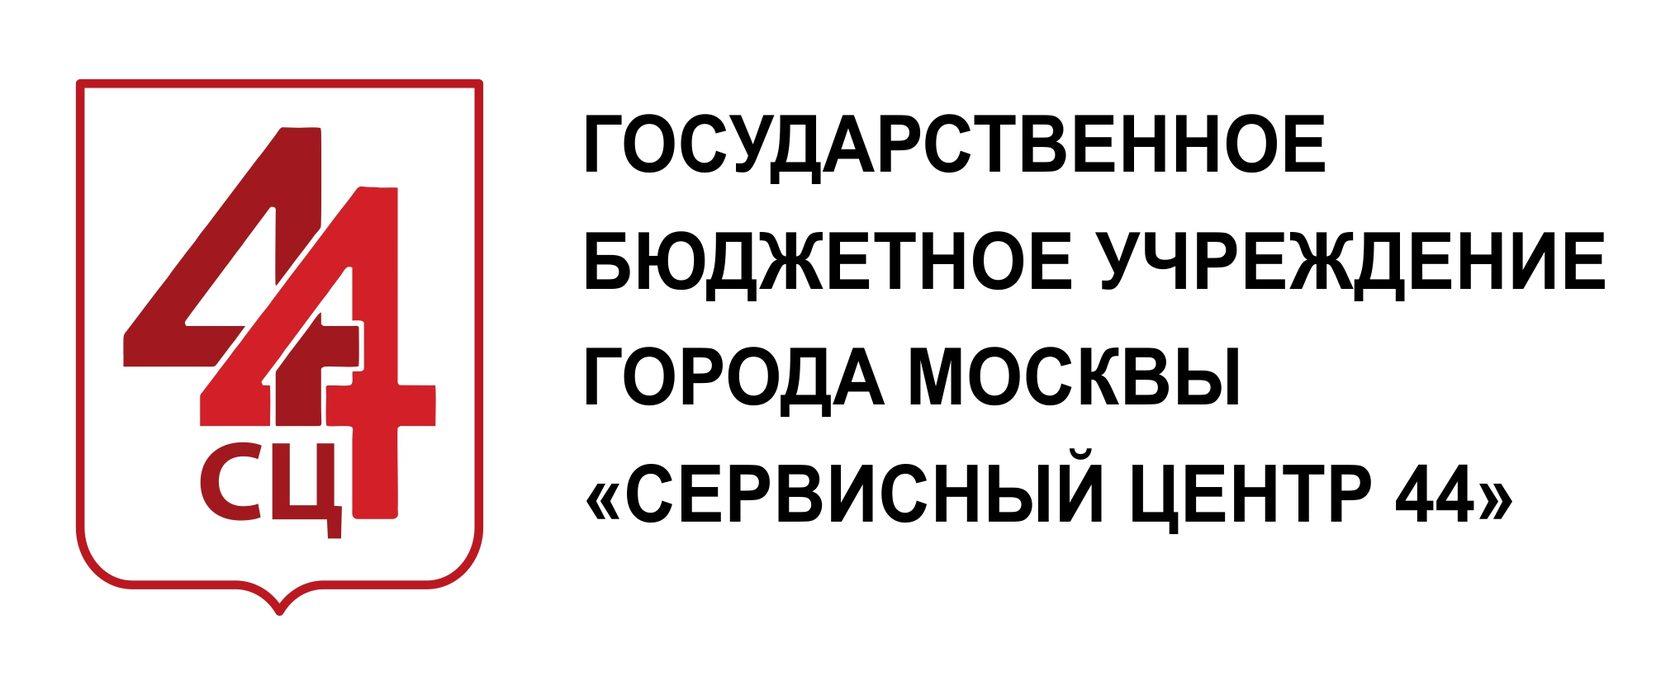 """Государственное бюджетное учреждение города Москвы """"Сервисный центр 44"""""""